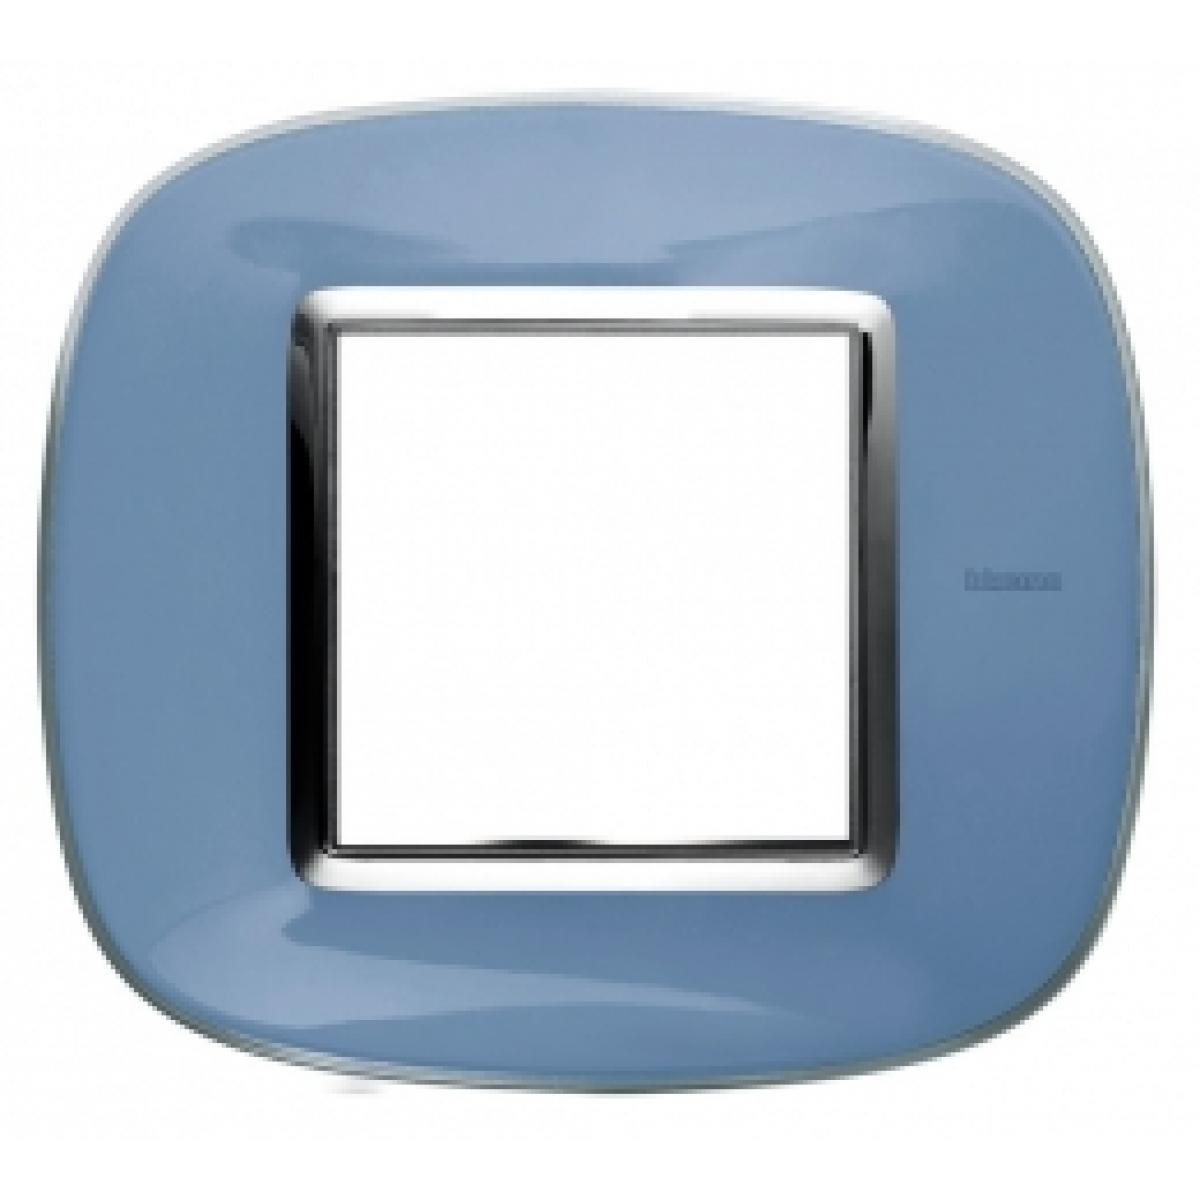 Placca Ovale 2 Posti Bticino Axolute Azzurro Liquido HB4802DZ